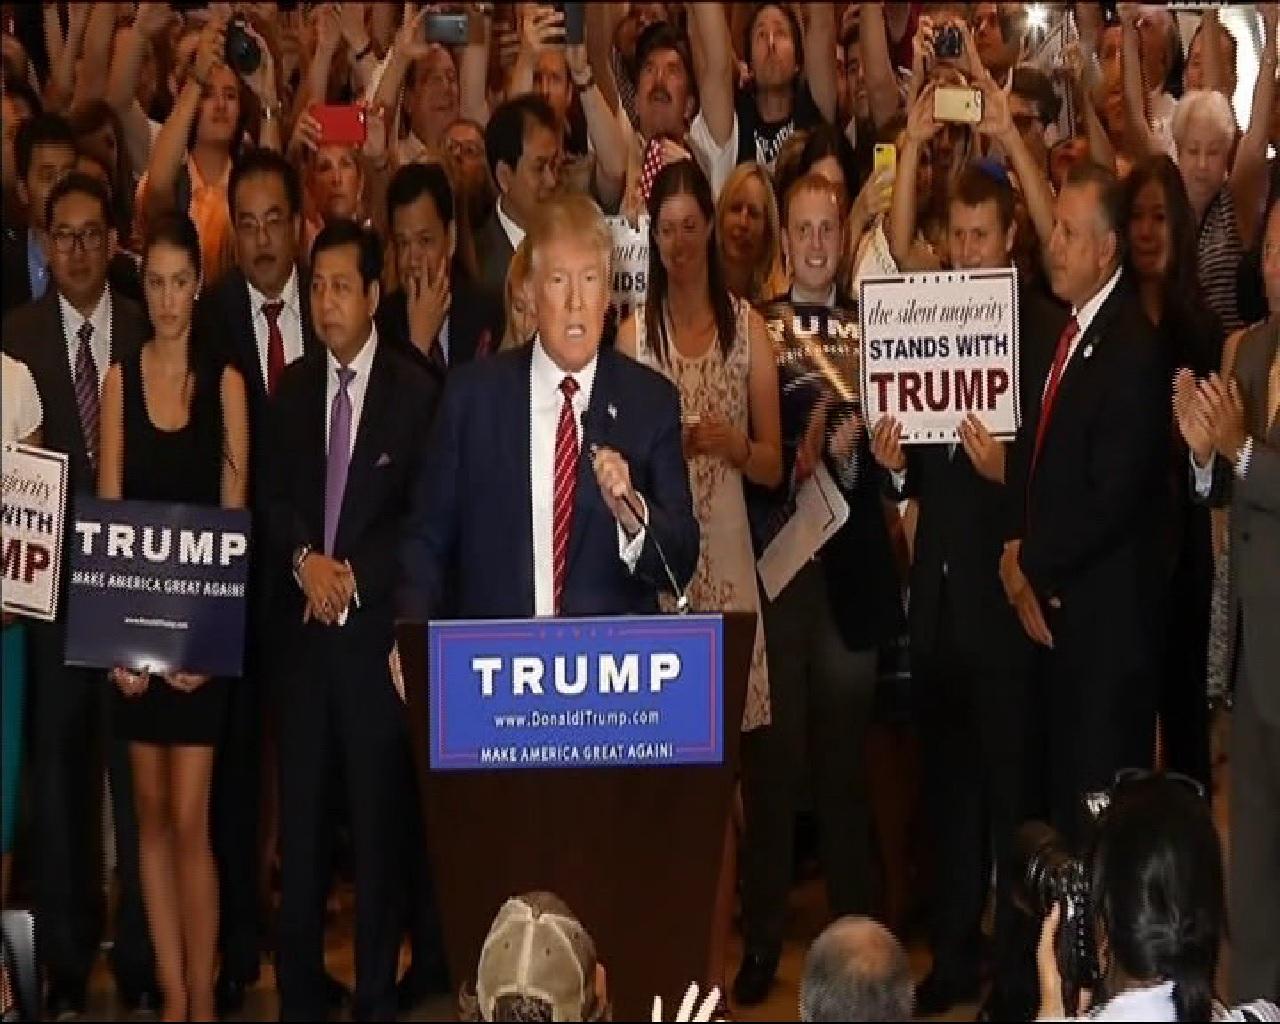 Trump+paga+25+milions+de+d%C3%B2lars+per+estafar+estudiants